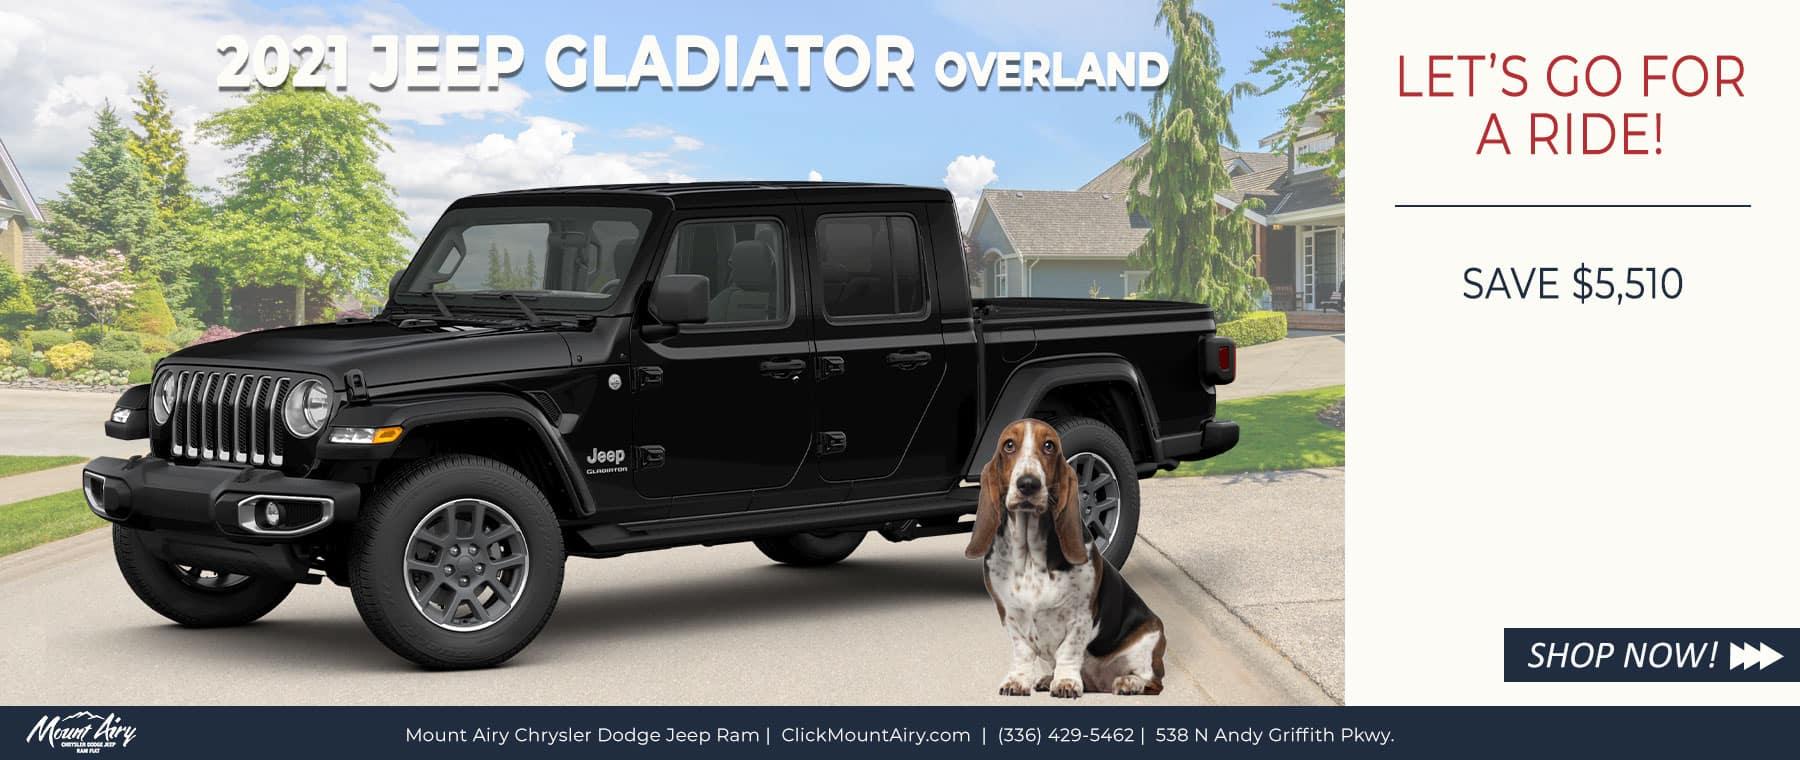 CDJR_April_Jeep_Gladiator